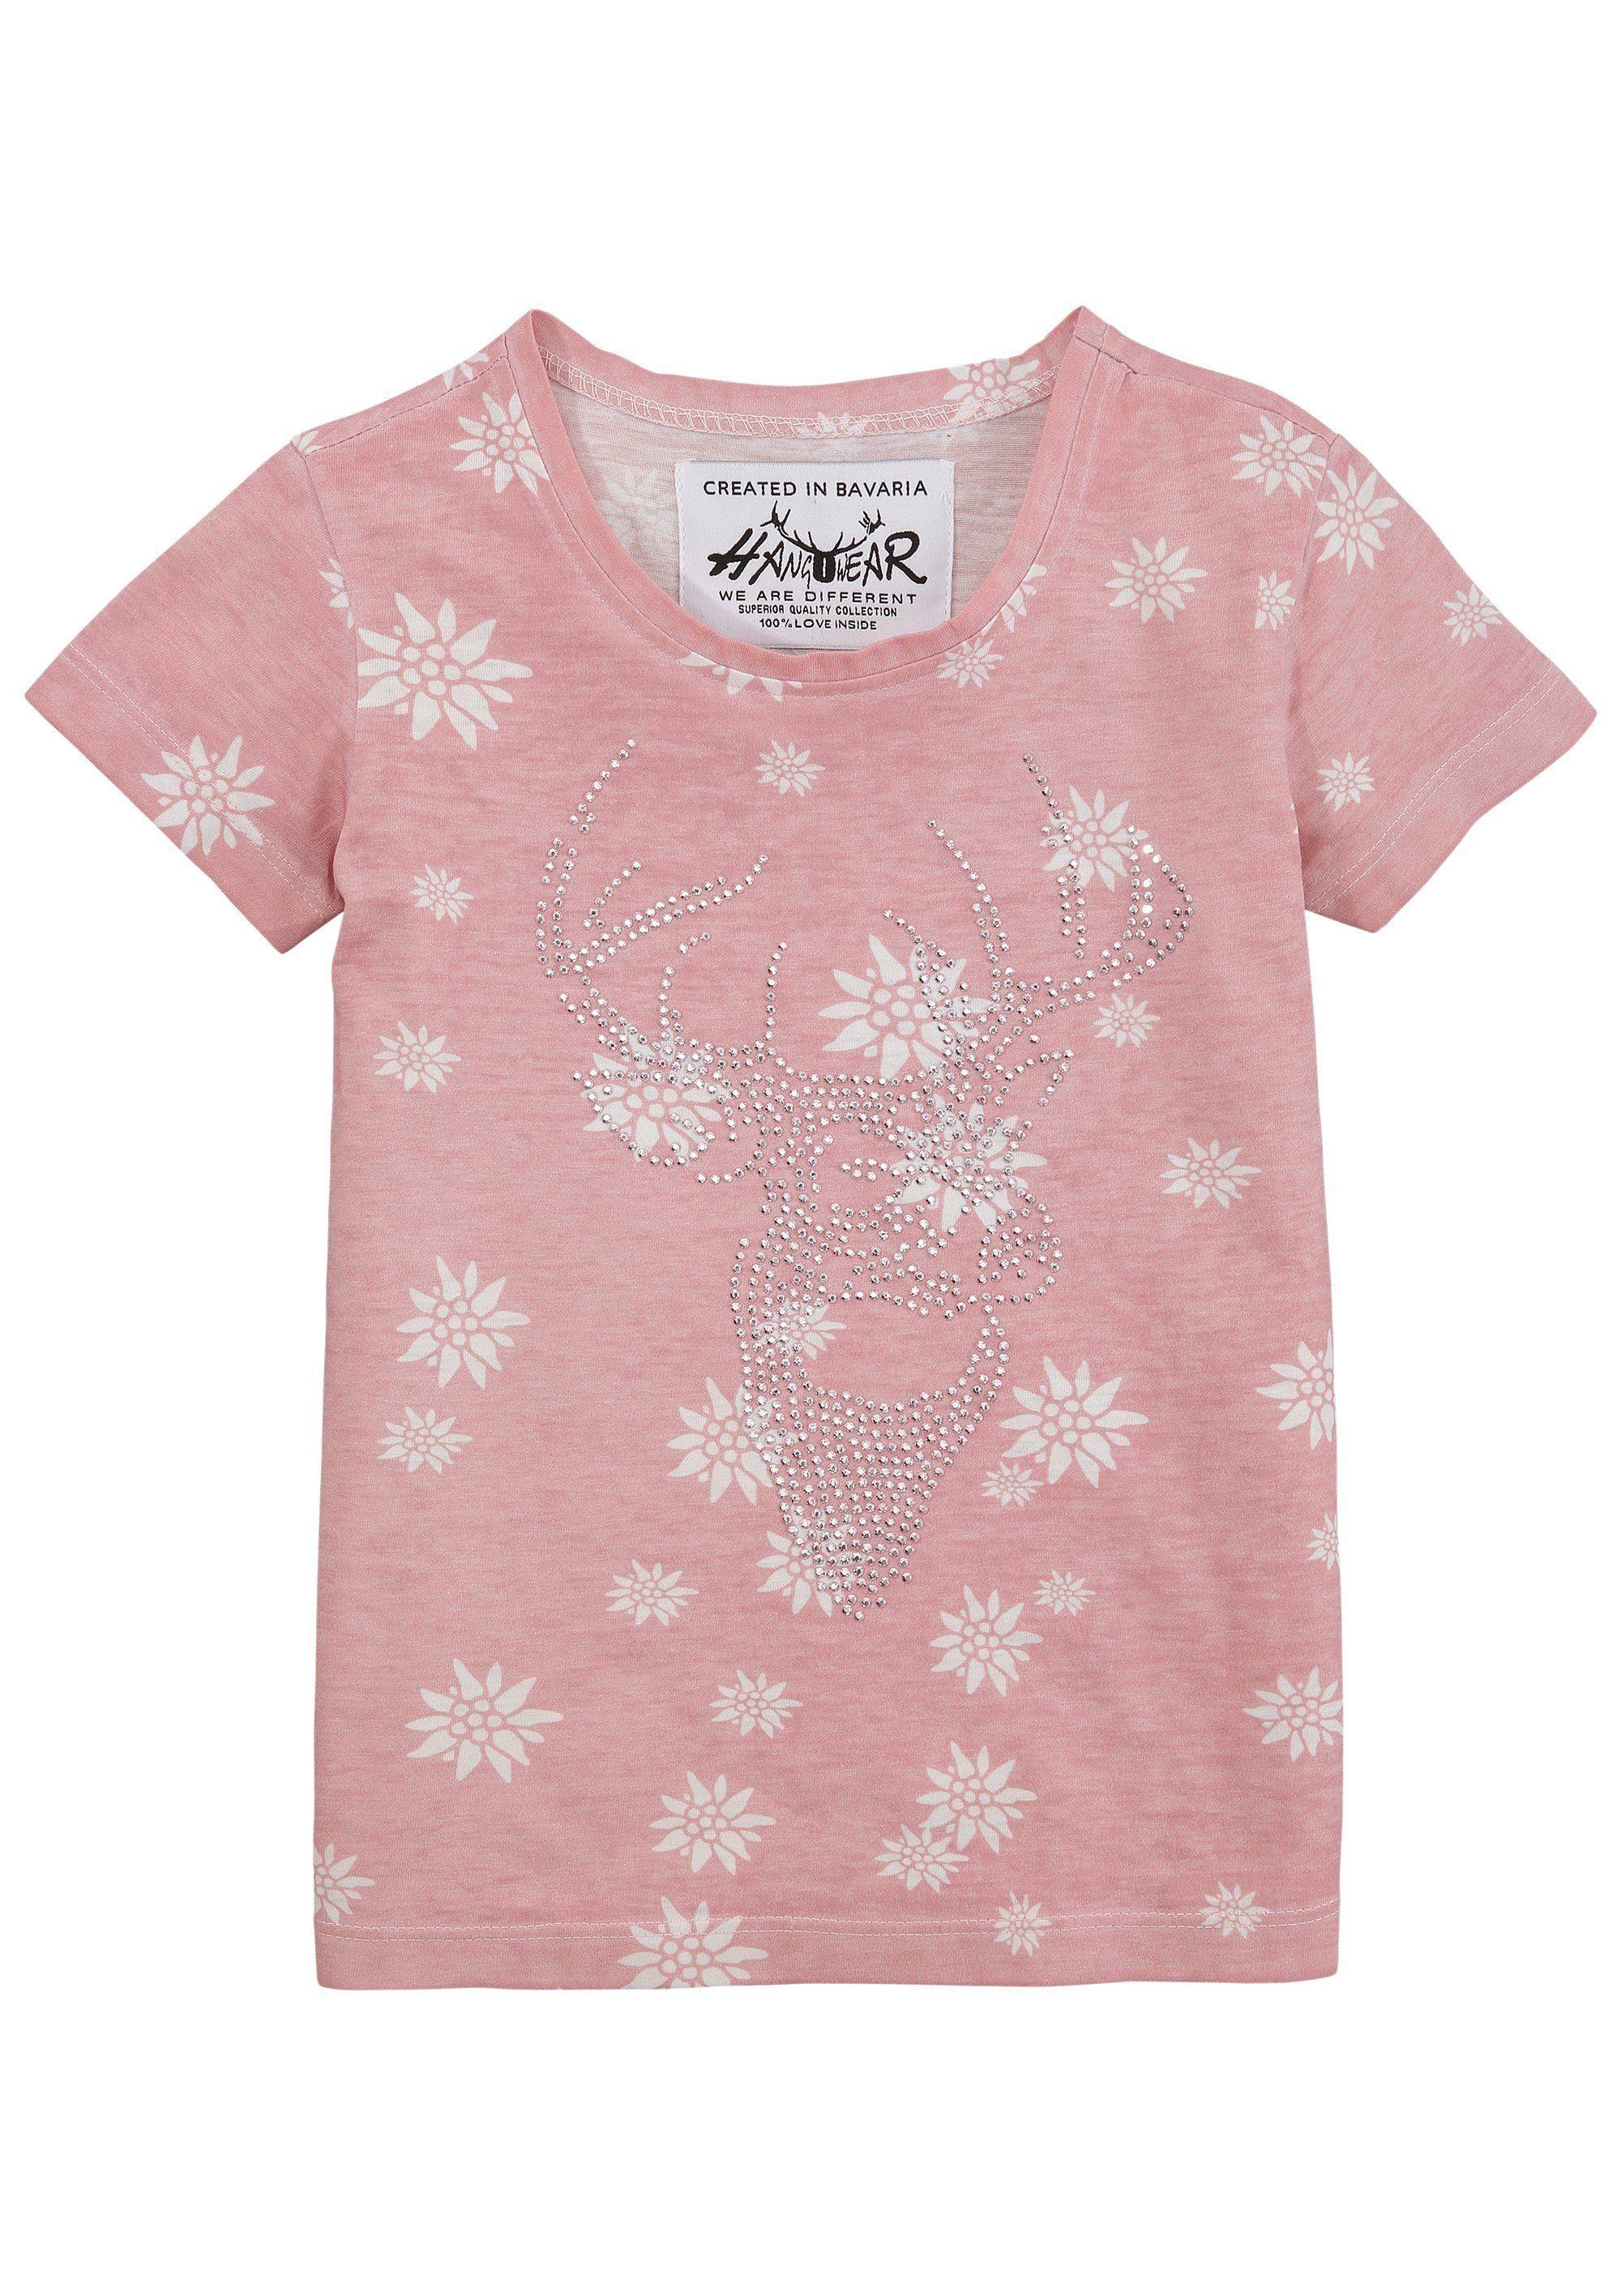 Damen,  Kinder Hangowear Trachtenshirt Kinder mit Motiv aus Strass-Steinen  | 04251363619545